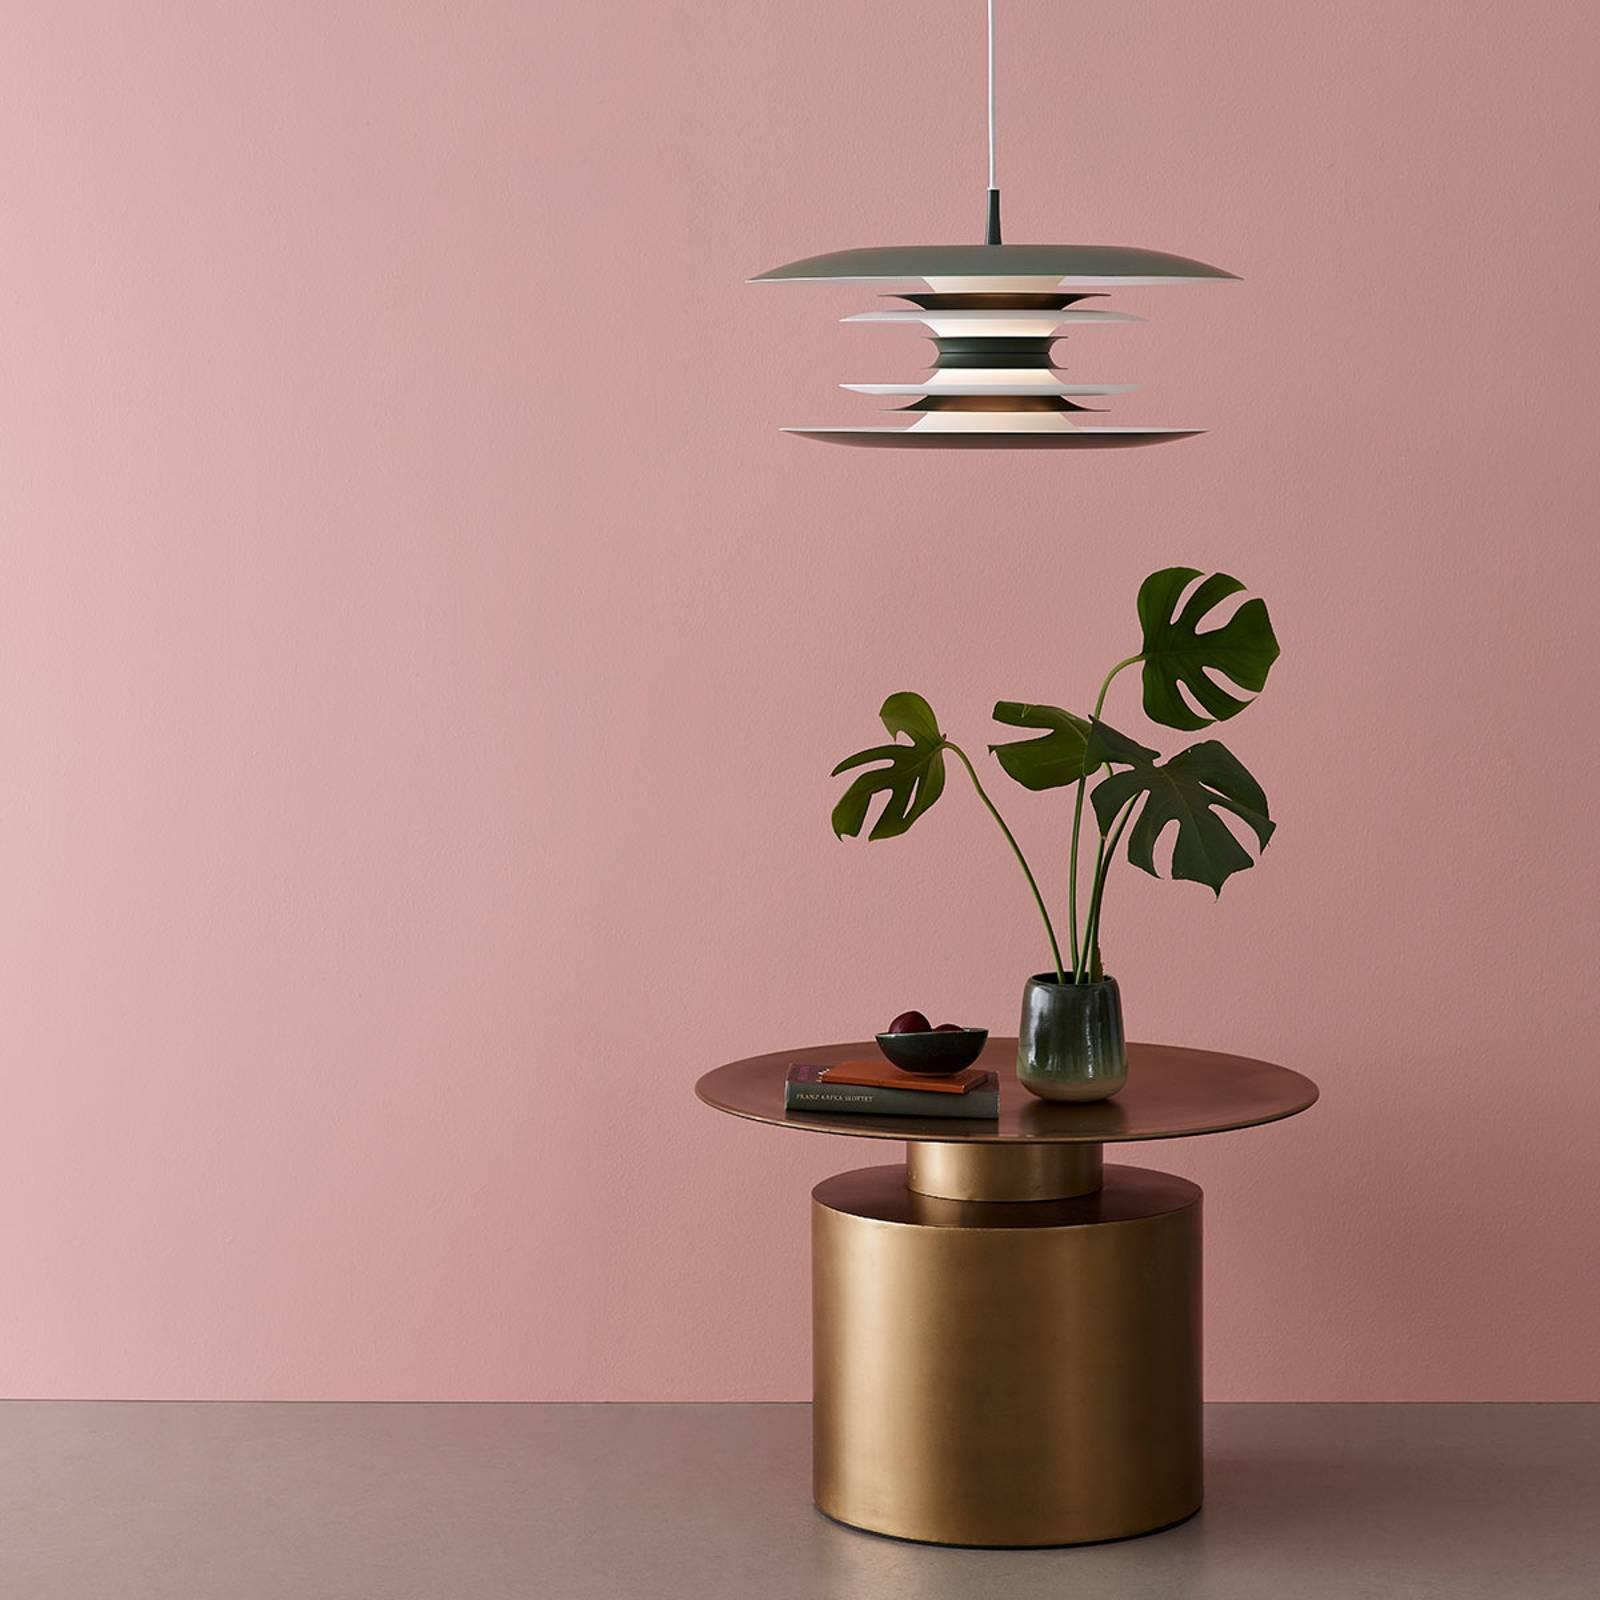 LED-riippuvalaisin Diablo Ø 40 cm, avokadonvihreä